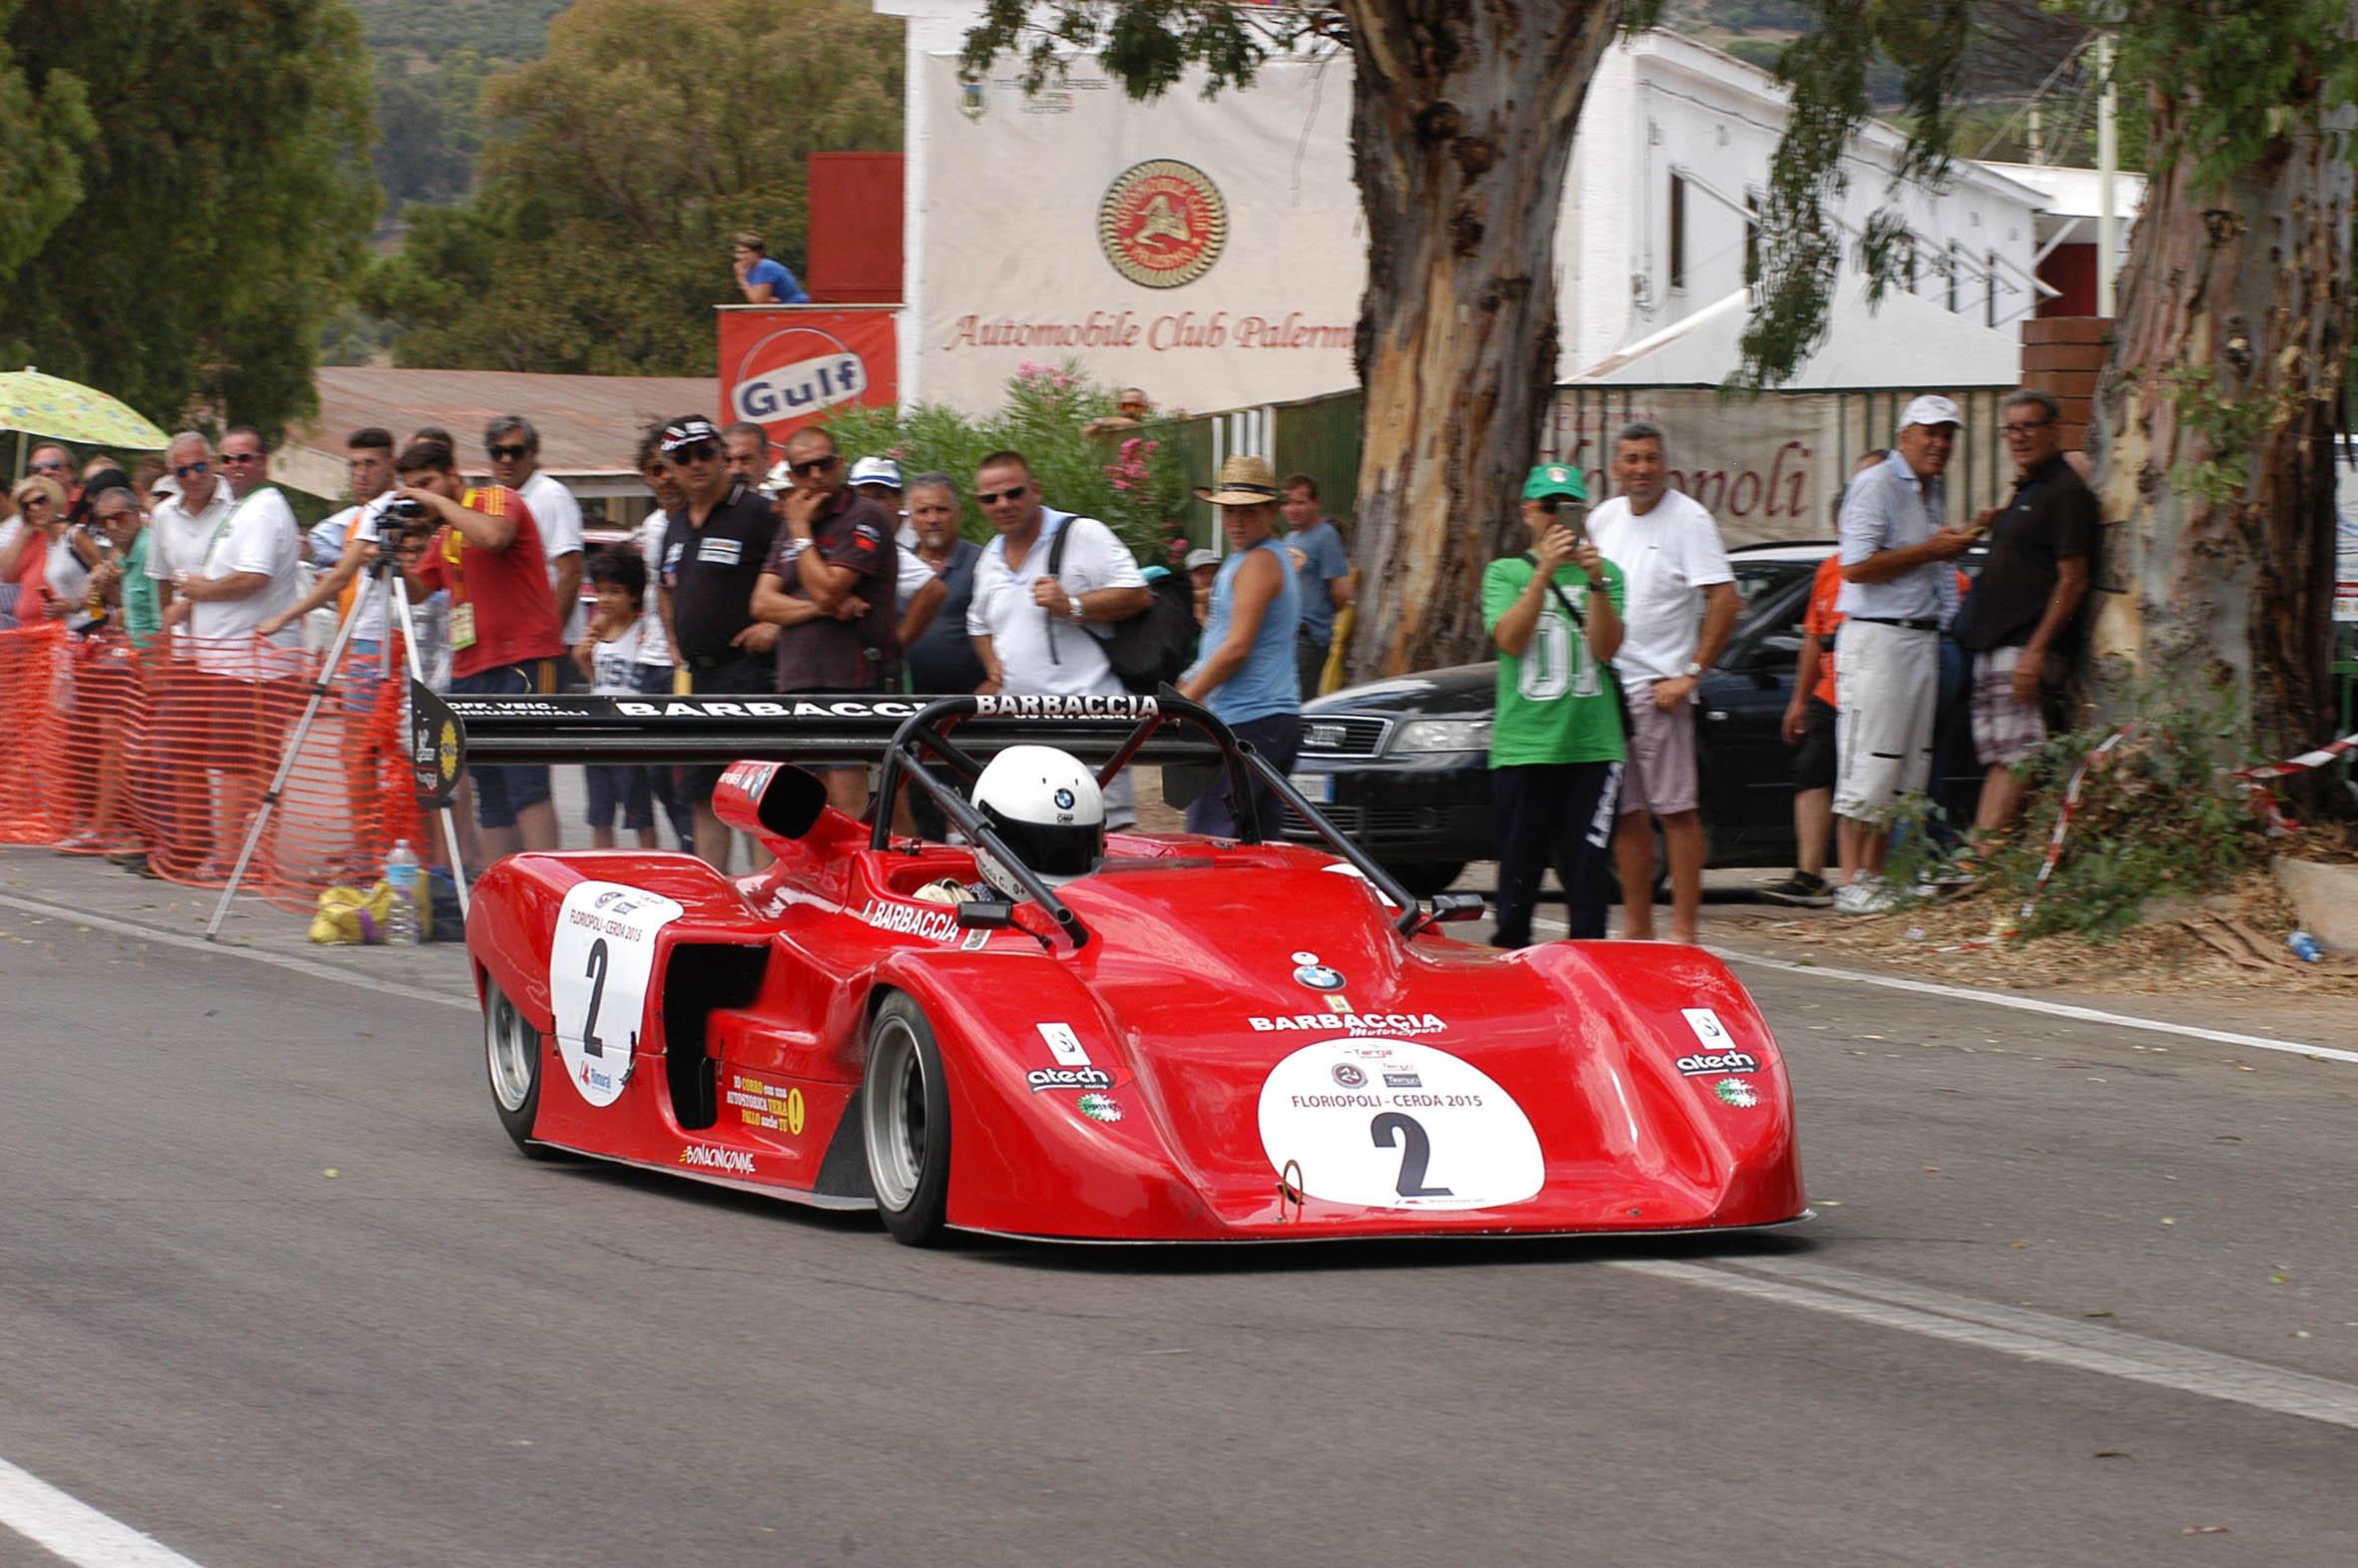 Automobilismo, Barbaccia si aggiudica la Floriopoli – Cerda